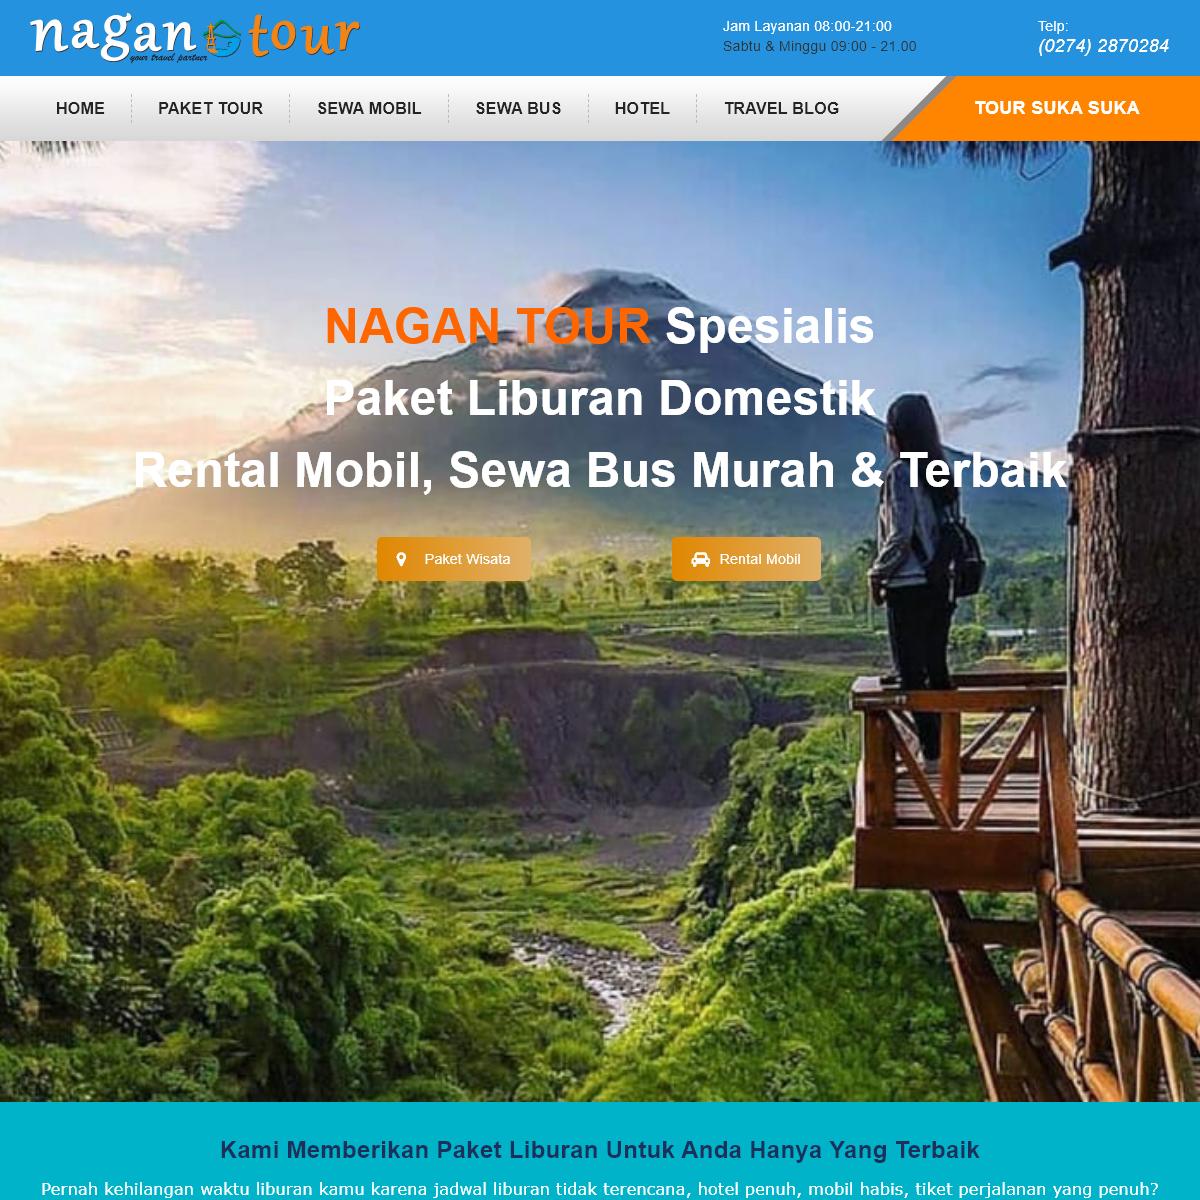 Nagan Tour- Paket Wisata dan Rental Mobil Murah dan Terbaik